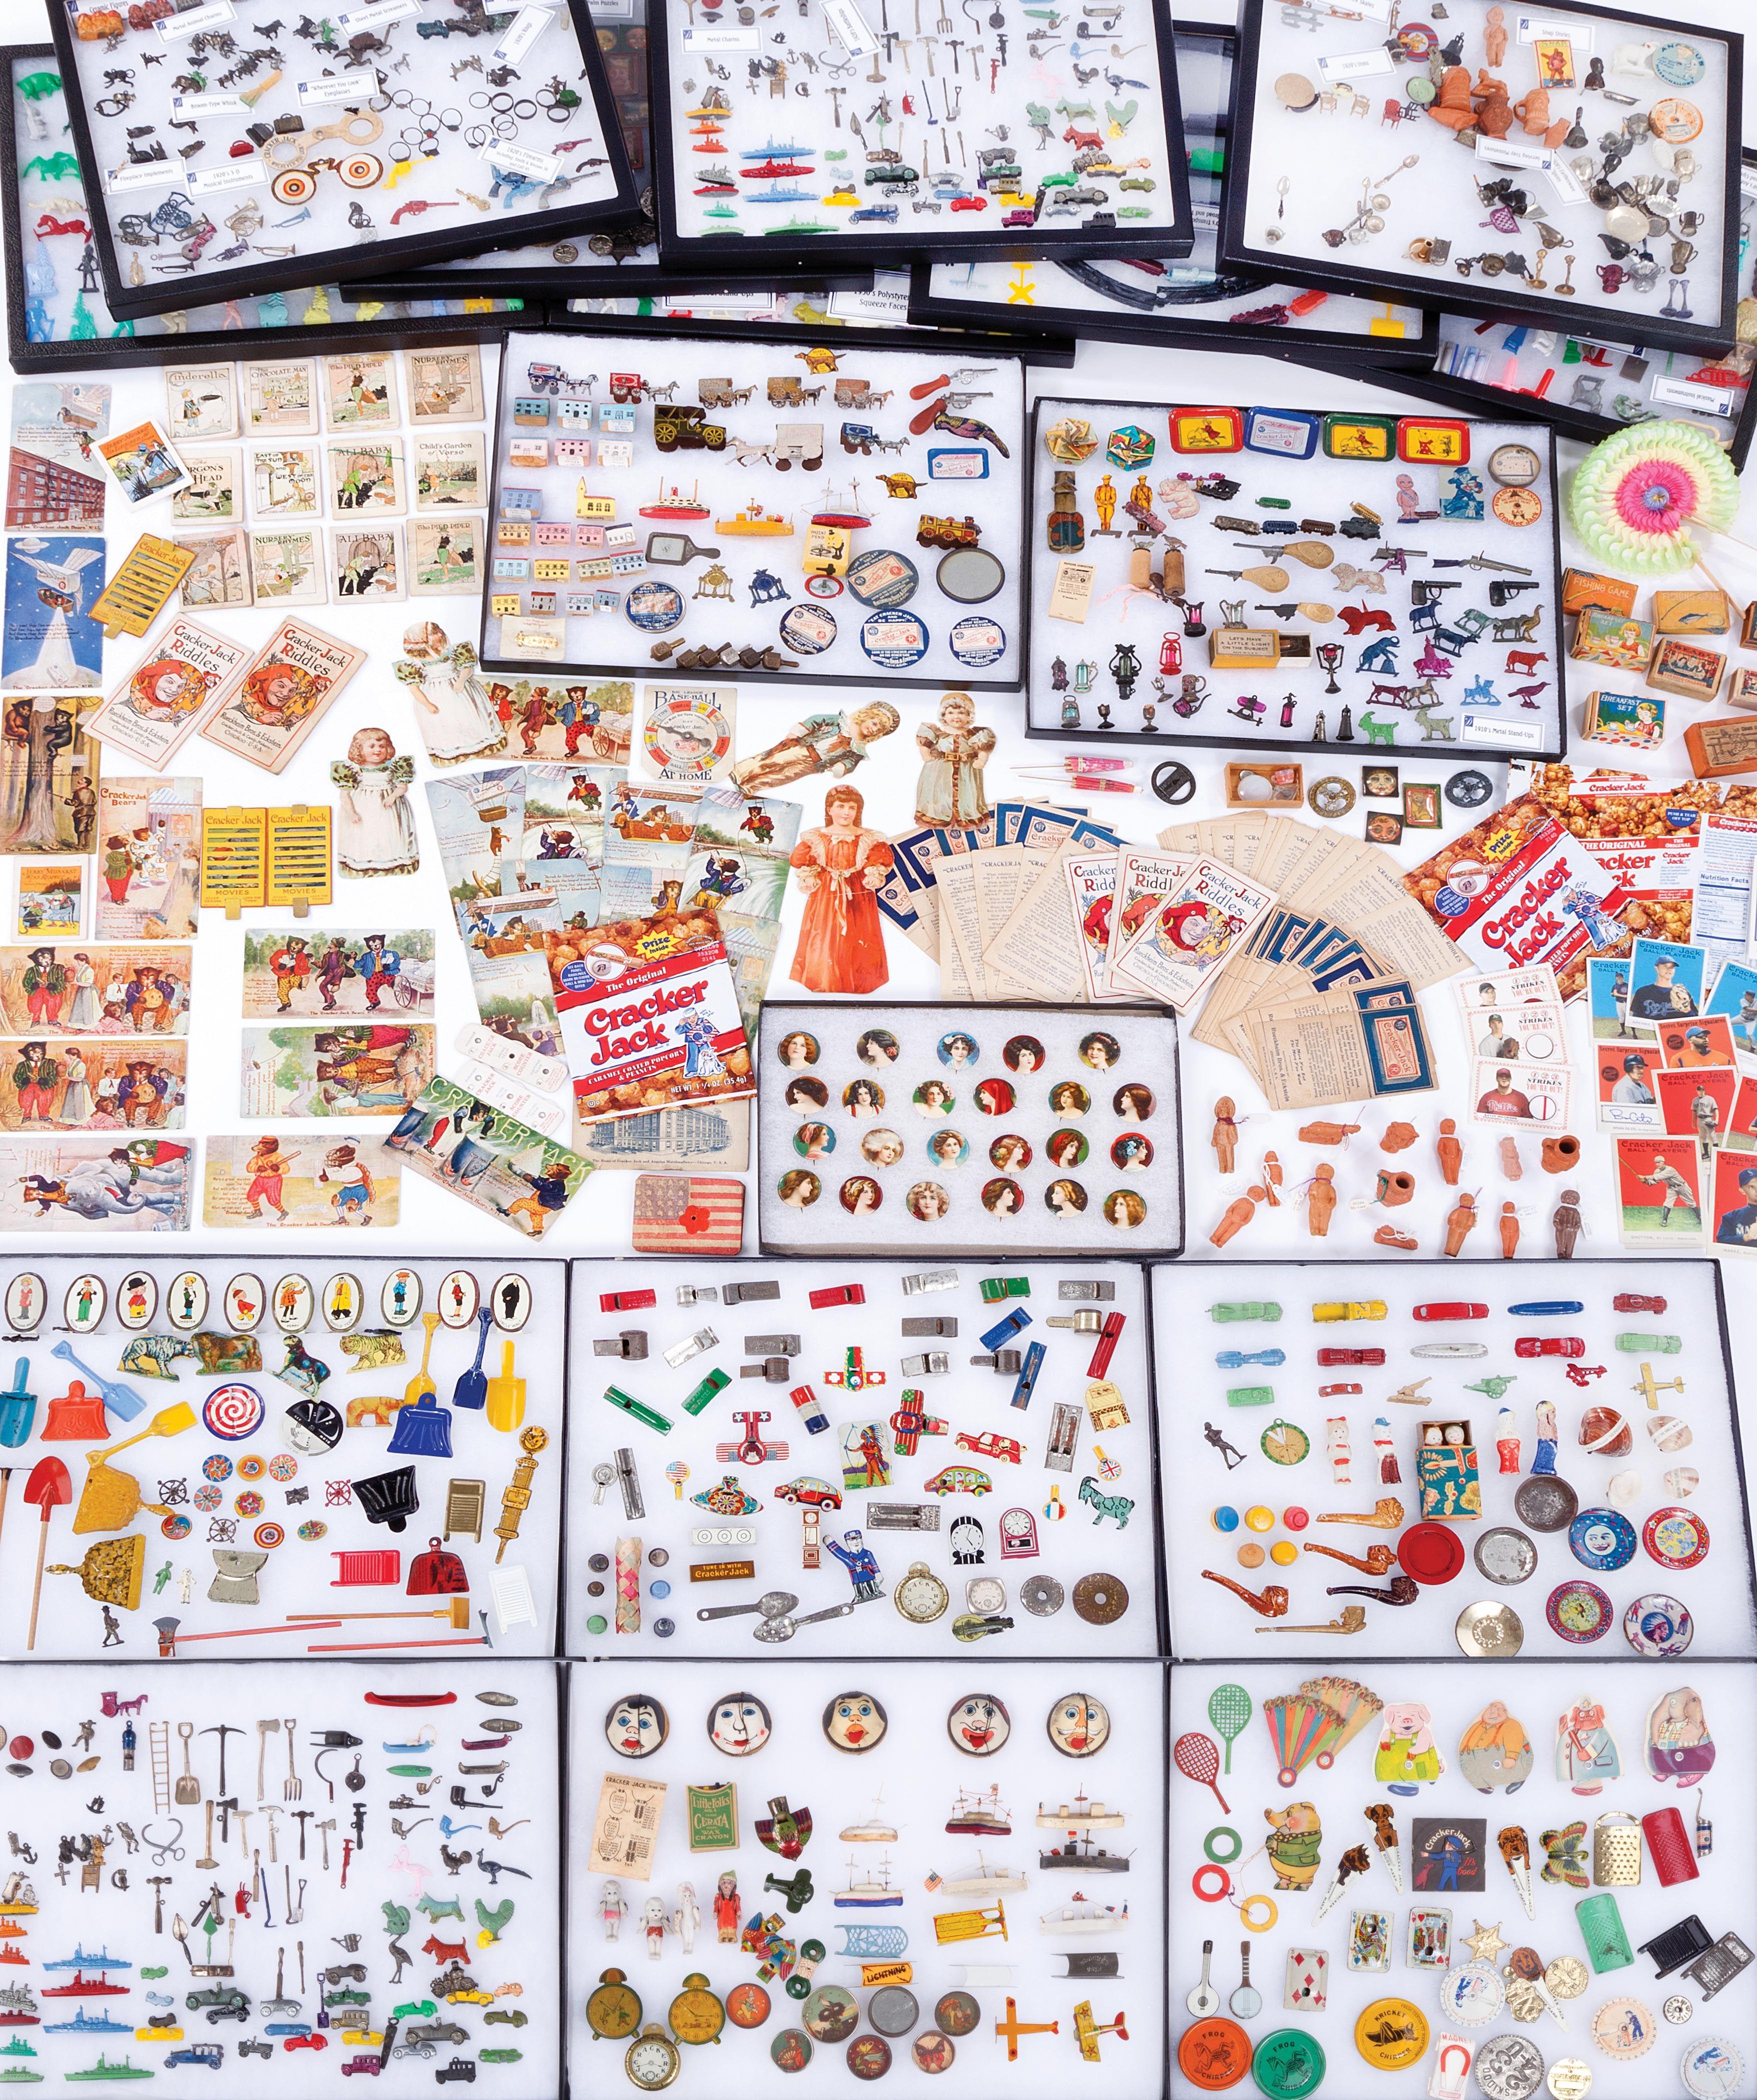 Coolest cracker jack prizes images